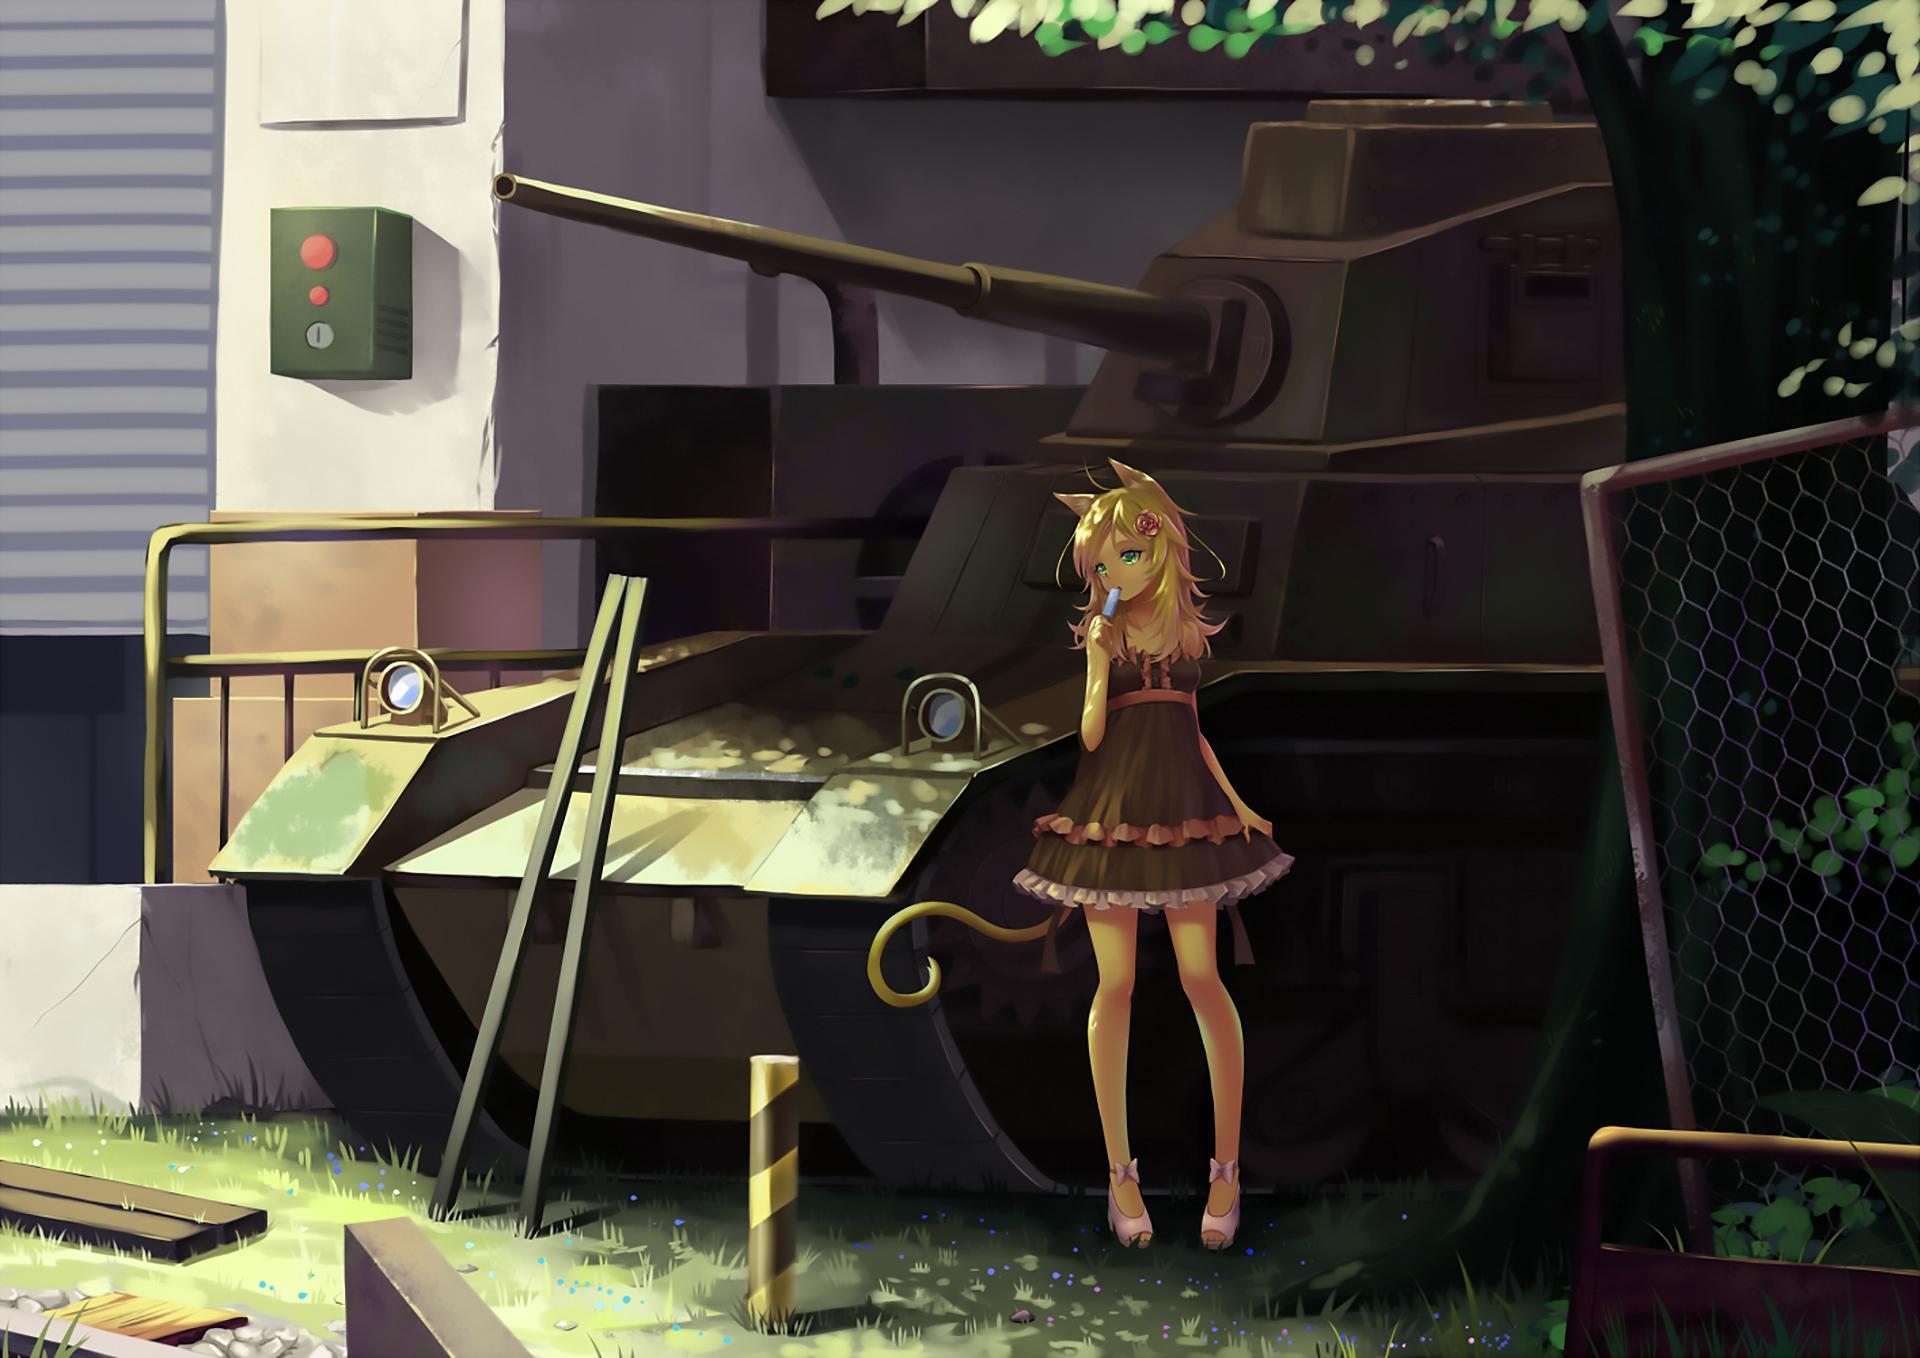 Anime Original 1920x1358